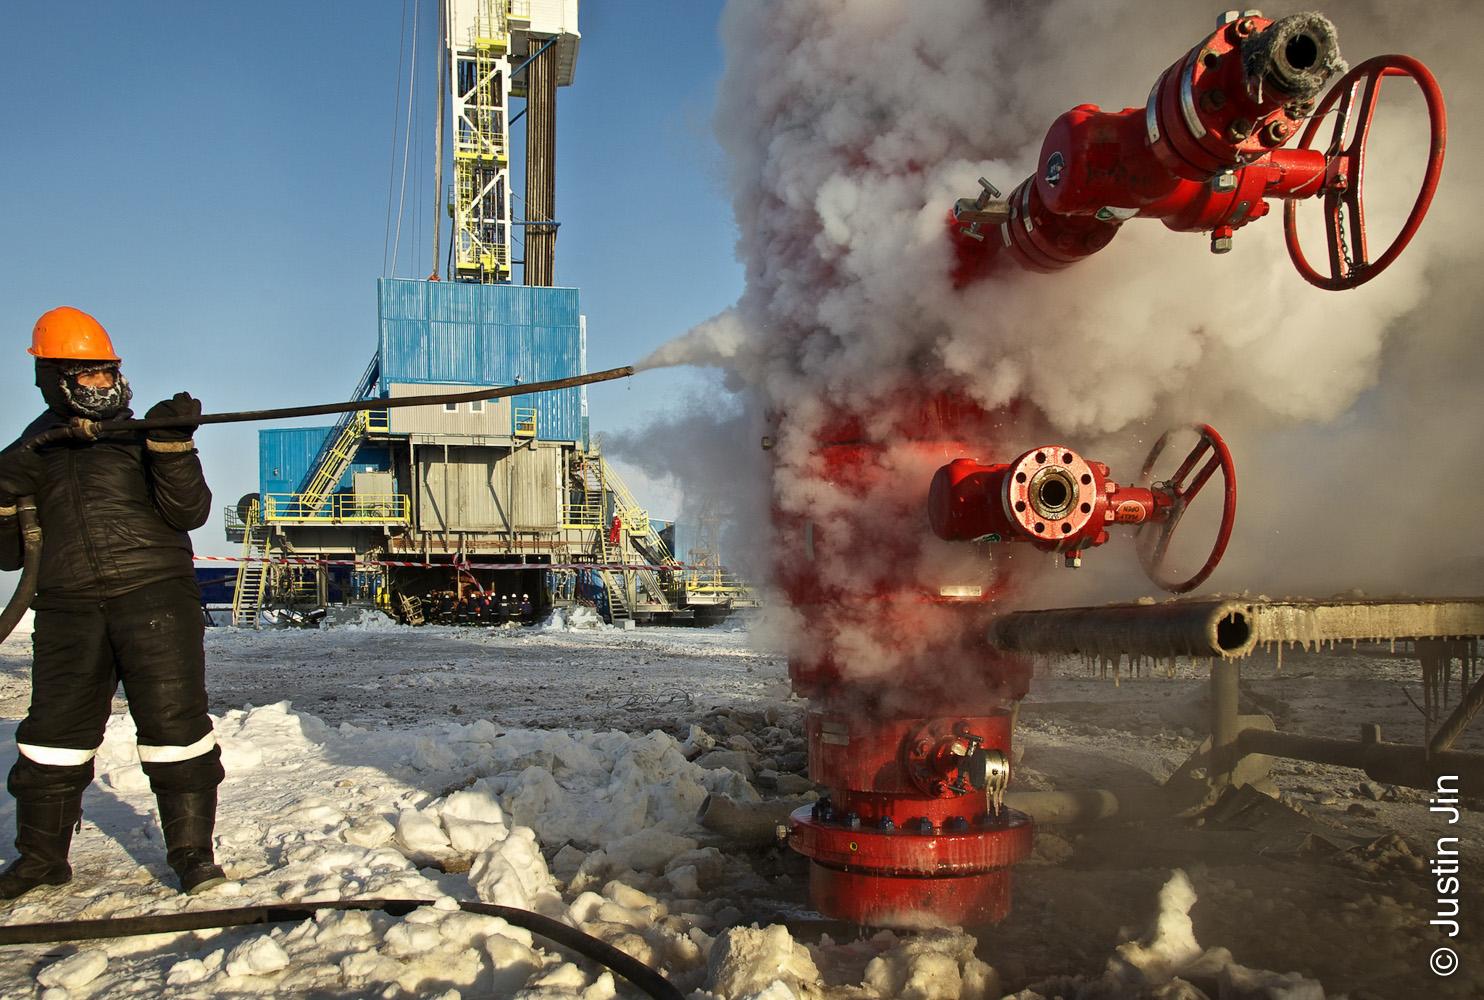 案例研究 1: Wintershall BASF 在西伯利亚的冰冻荒原,德国人和俄国人克服极端的气候障碍和政治分歧,联合向欧洲提供能源。德国主要的能源供应商Wintershall (BASF巴斯夫的附属公司)与俄罗斯同行在跳一场微妙的舞蹈。自2010年以来,Wintershall委任我为其摄影师,通过吸引人的视觉故事描绘当场的现实,向犹豫不决的德国大众来解释这一独特的伙伴关系,